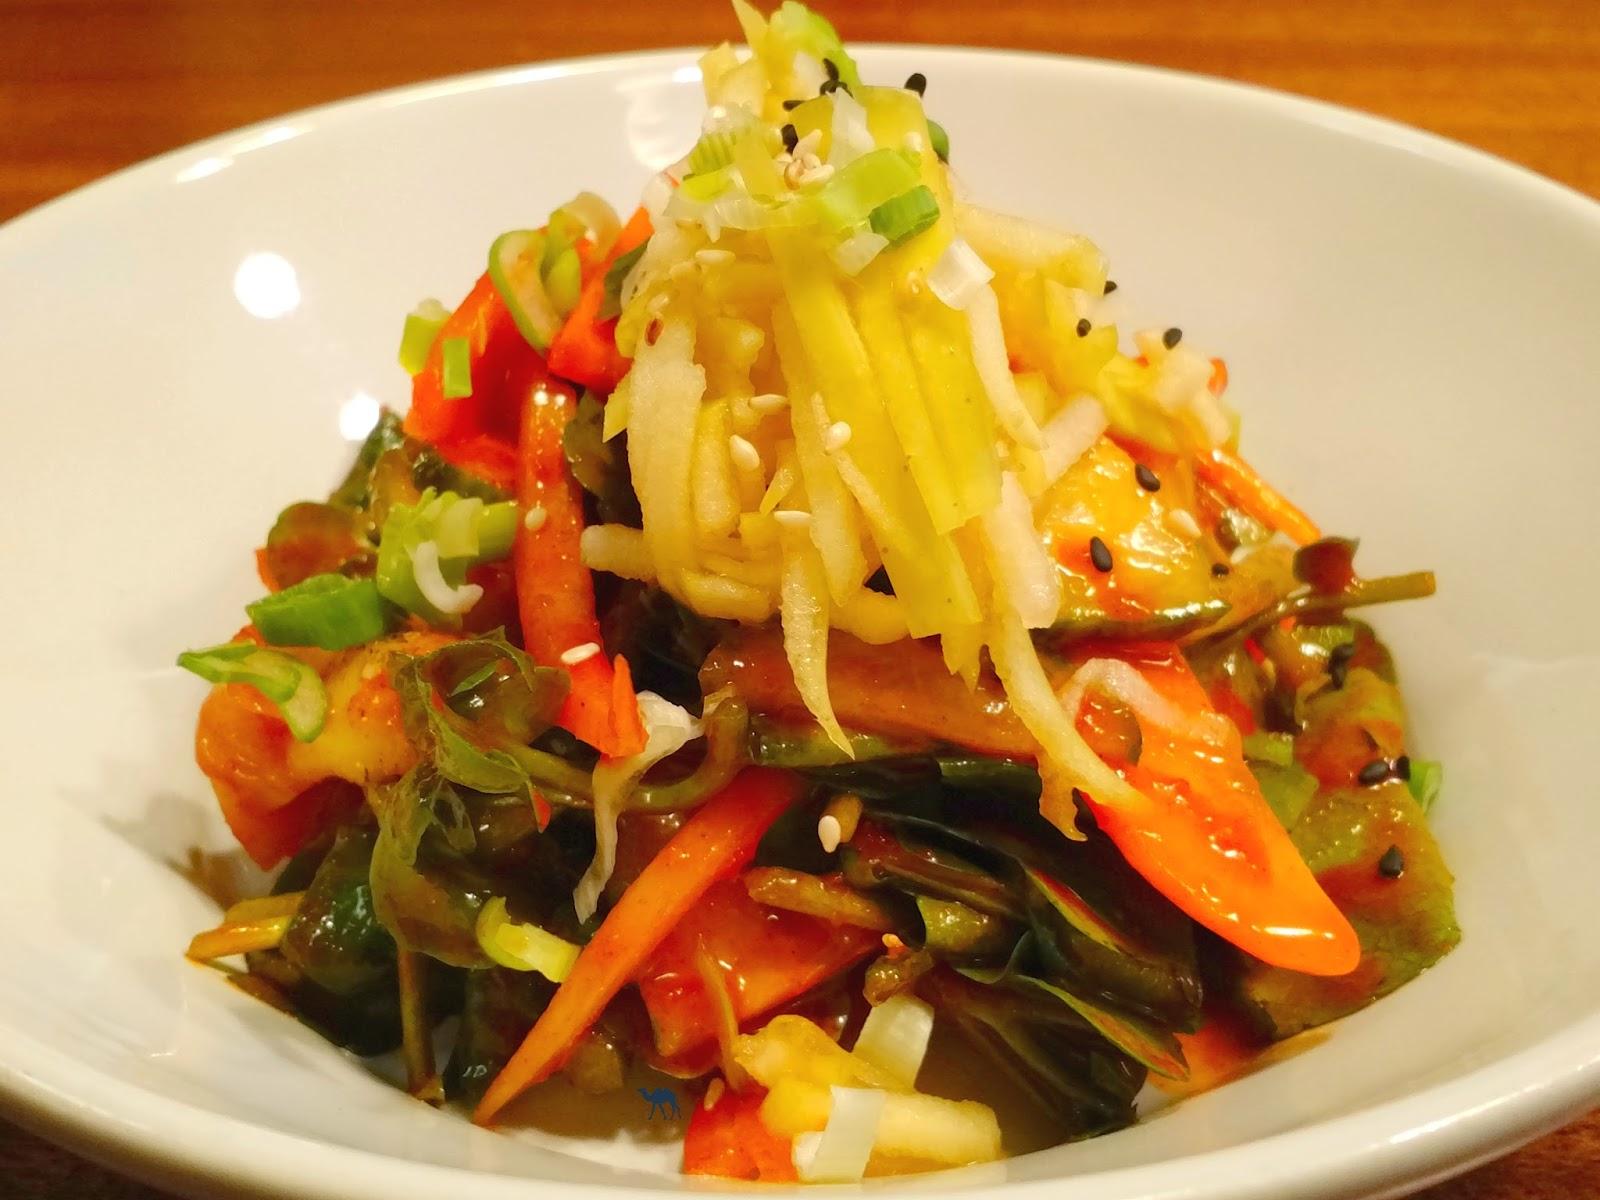 Le Chameau Bleu - Blog Restaurant Coréen Paris - Salade de bulot chez Mee Plat coréen